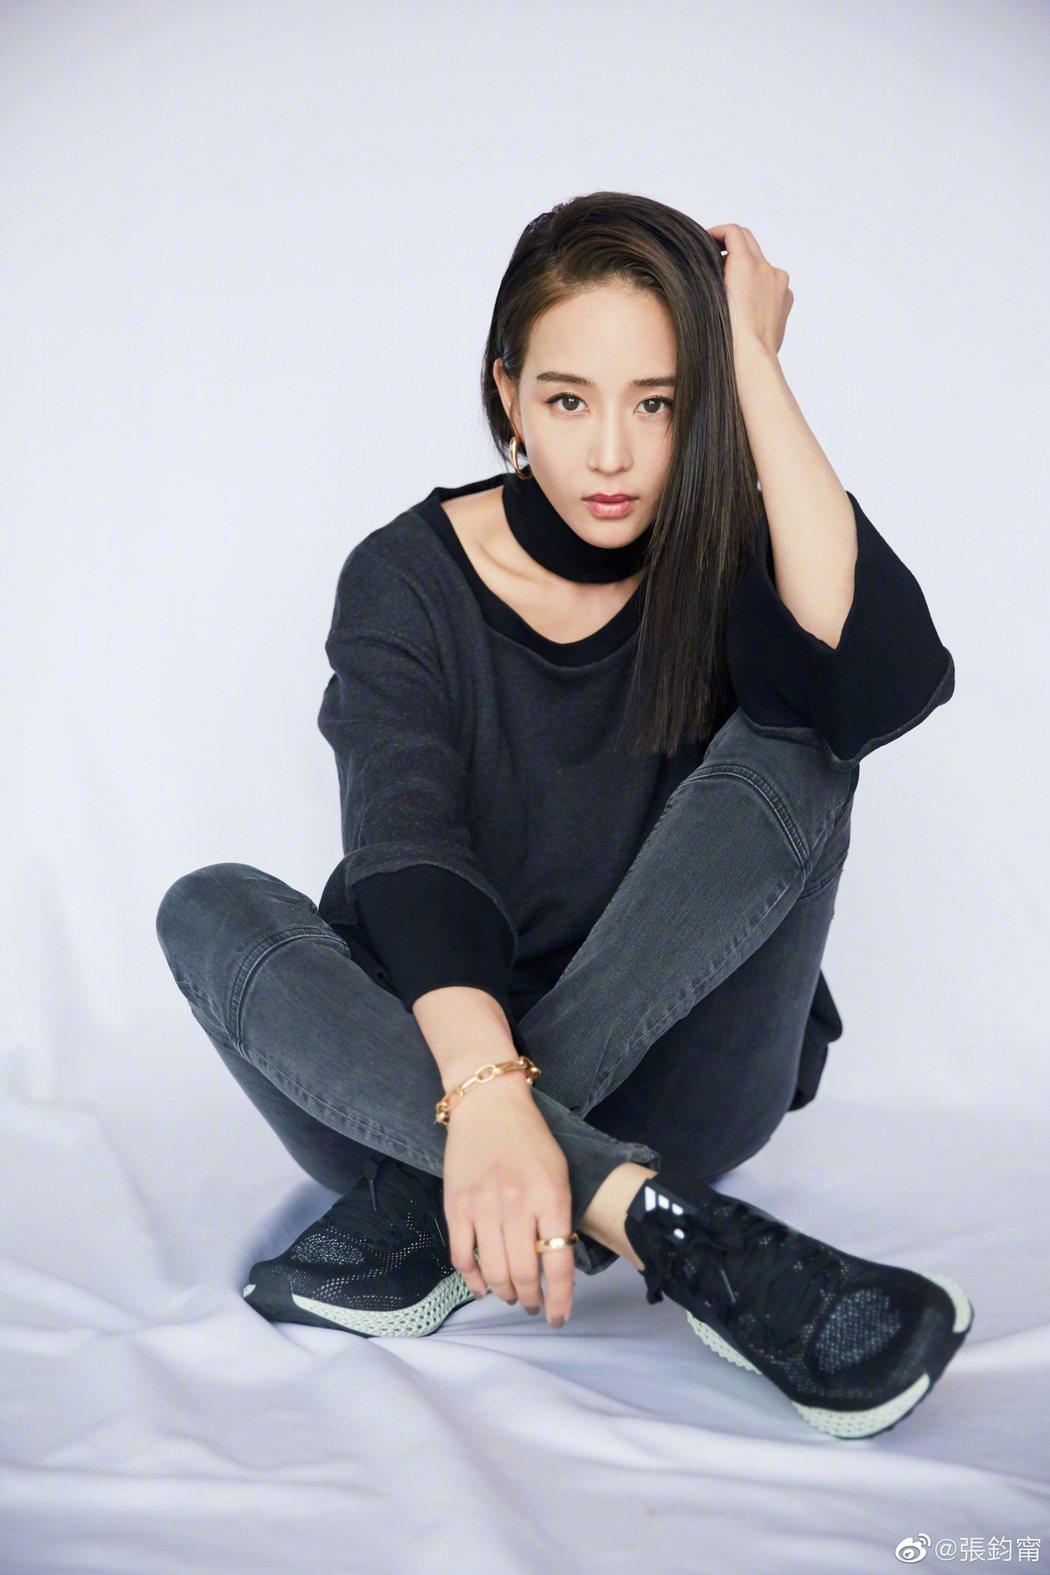 張鈞甯是網友心中的氣質女神。圖/擷自微博